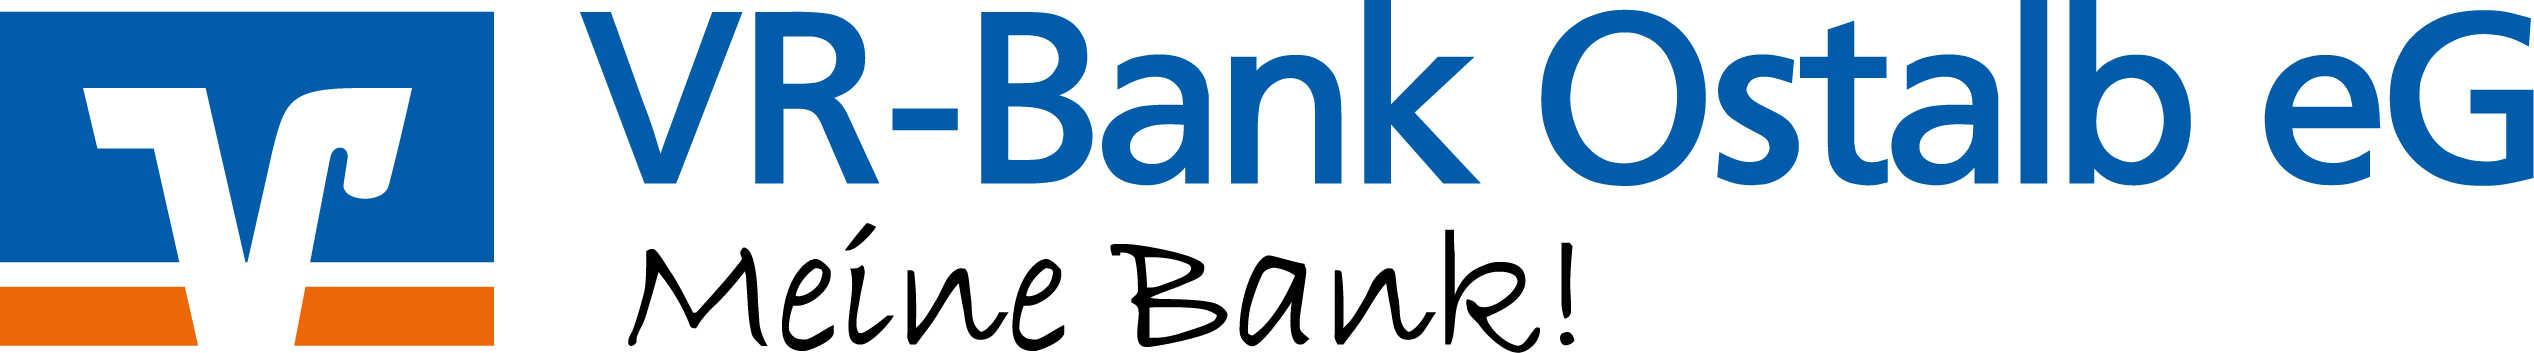 Hauptsponsor_VR-Bank Ostalb eG